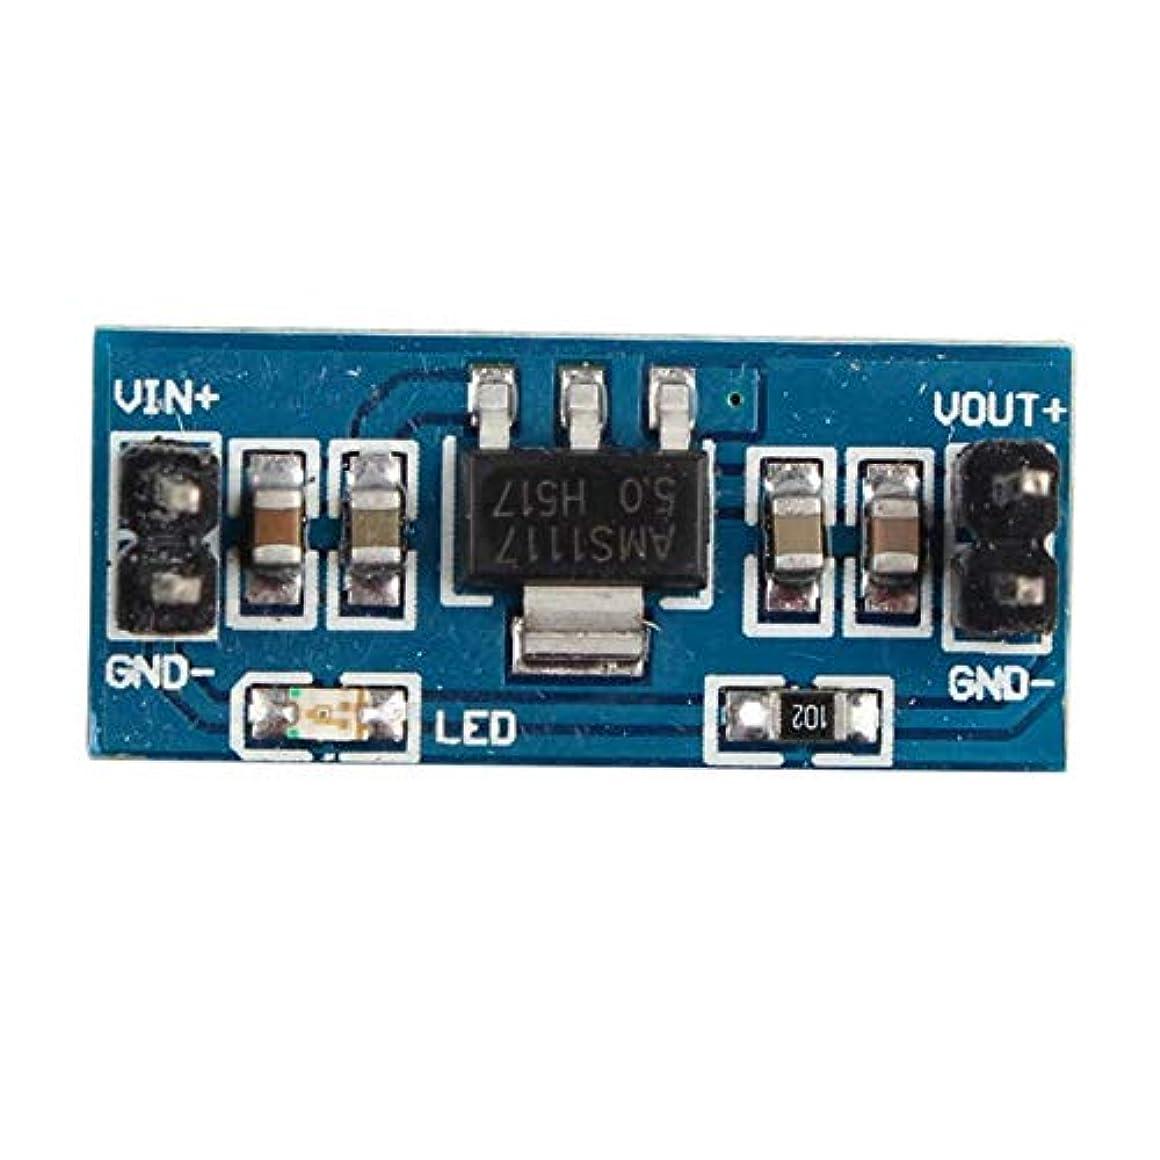 弁護士その他節約する6V-12VアウトAMS1117-5降圧リニア電圧レギュレータパワーコンバータモジュール